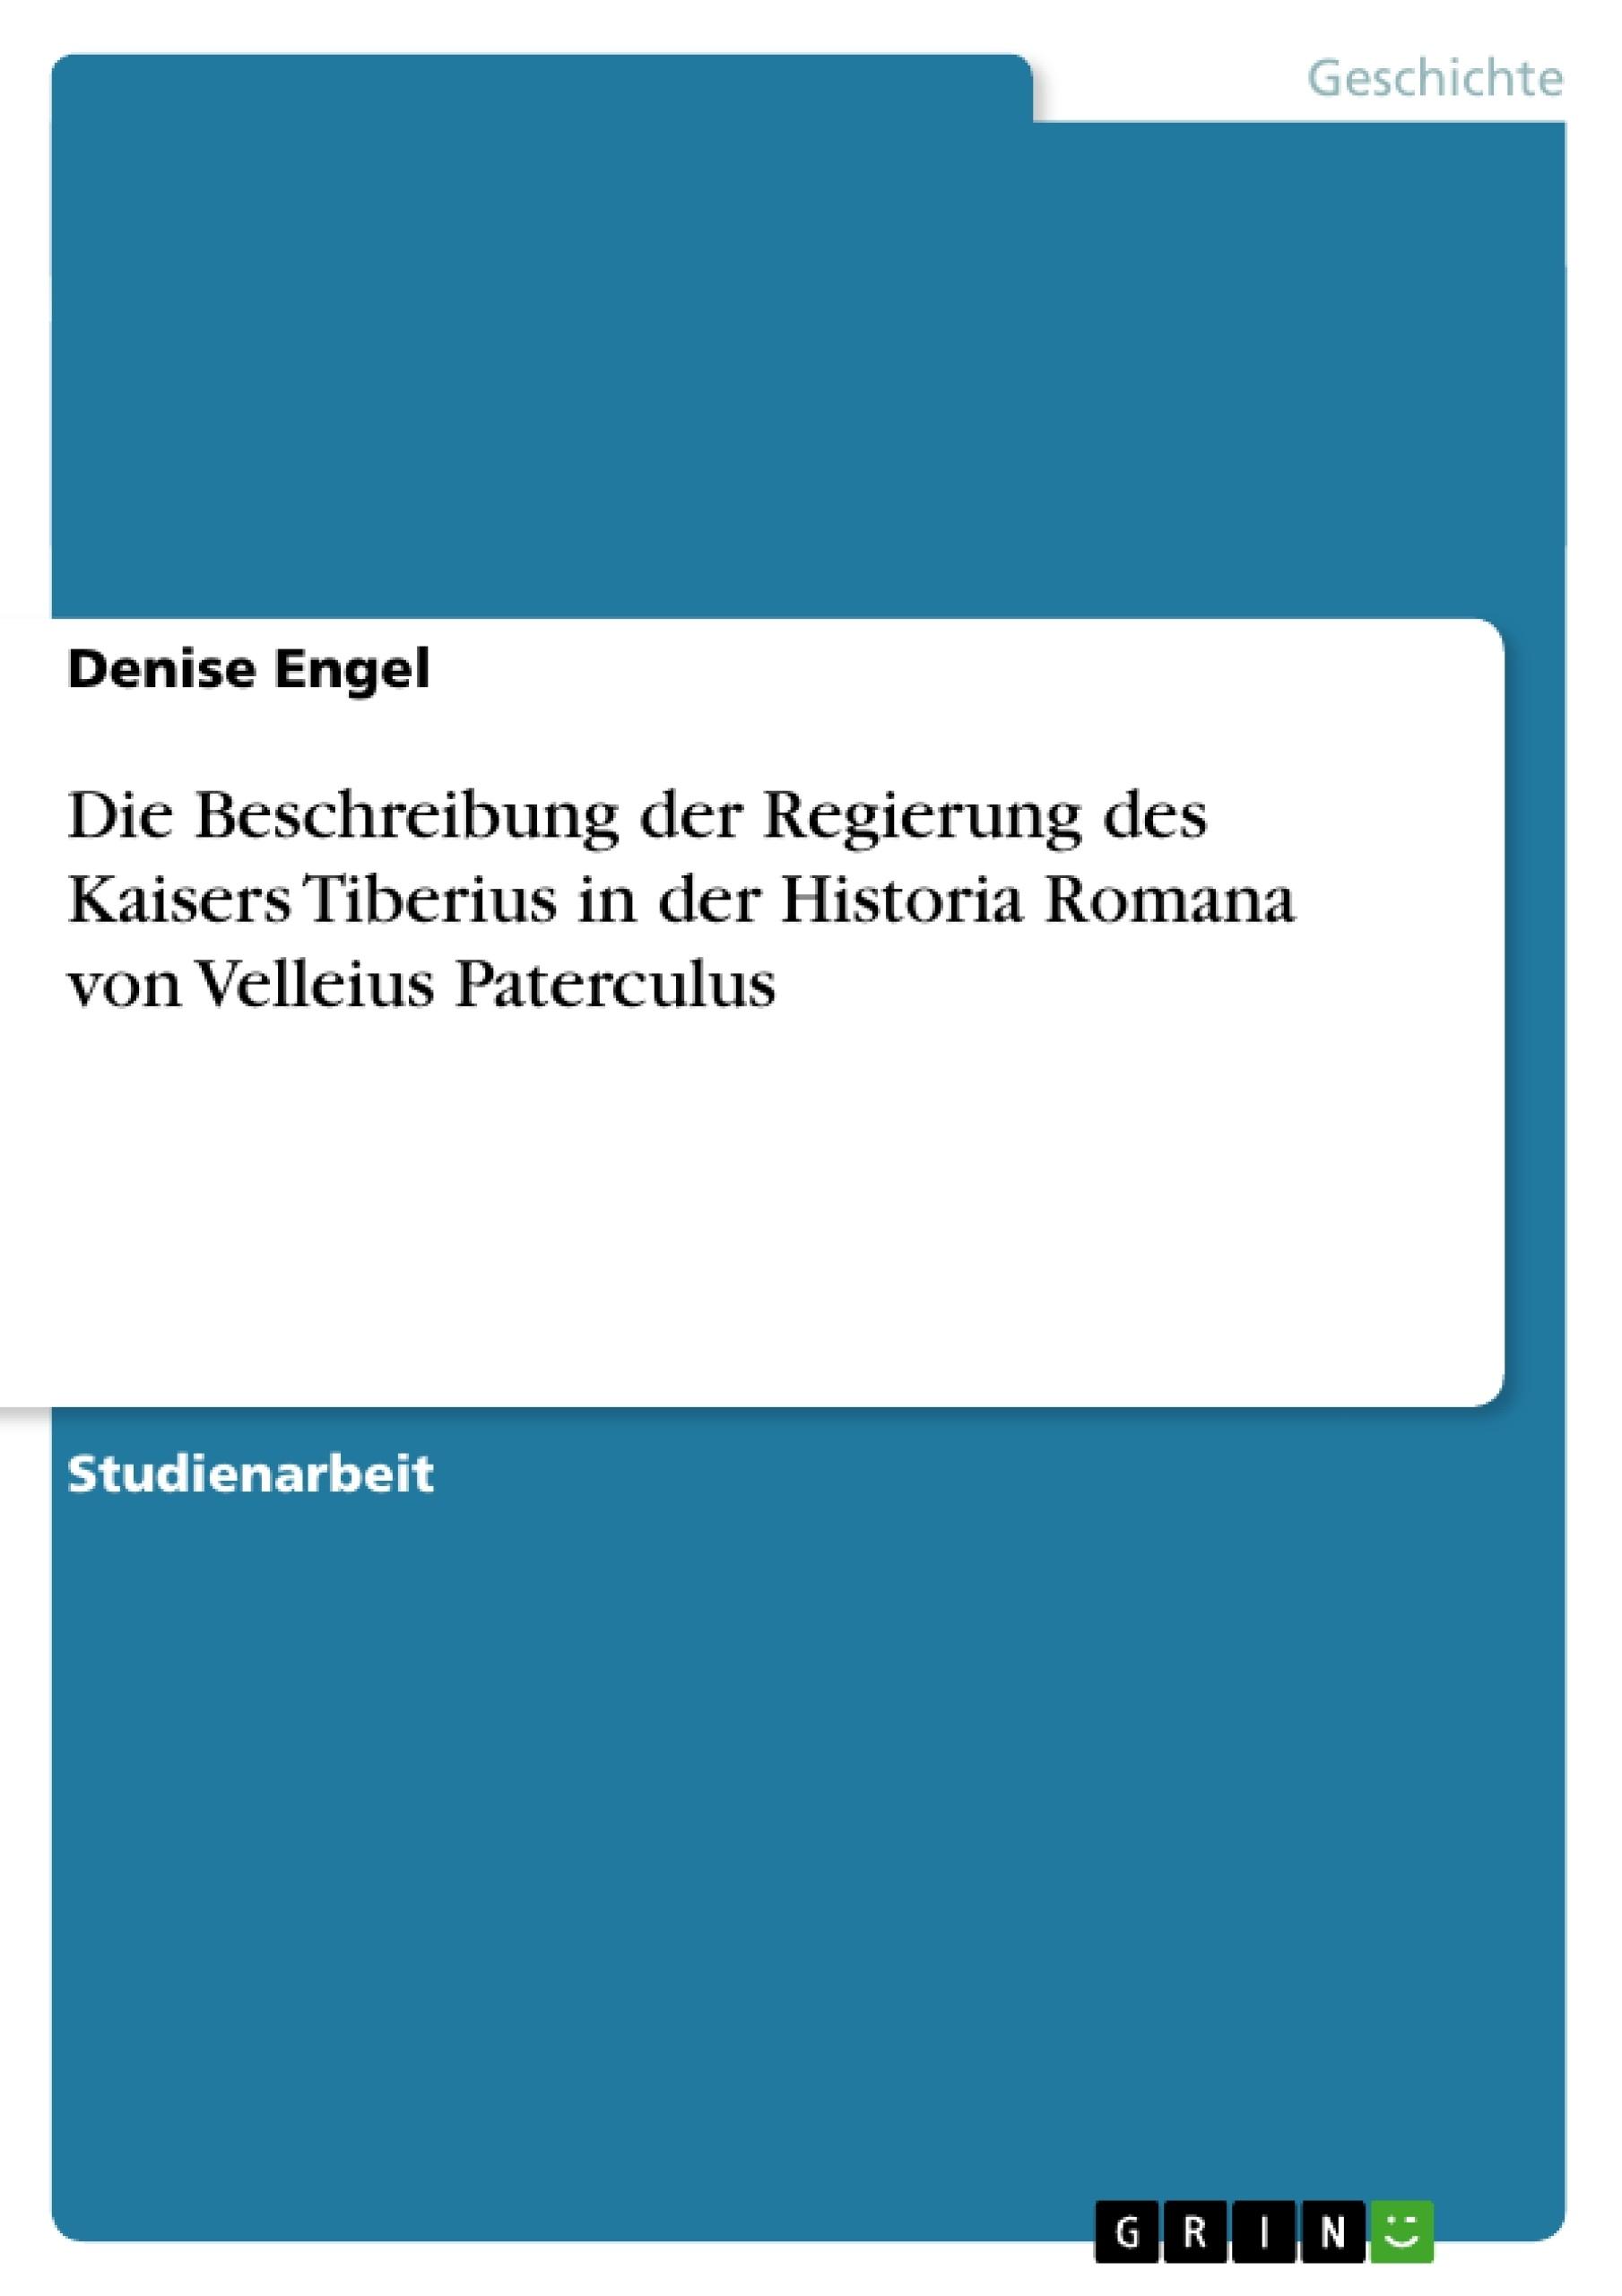 Titel: Die Beschreibung der Regierung des Kaisers Tiberius in der Historia Romana von Velleius Paterculus